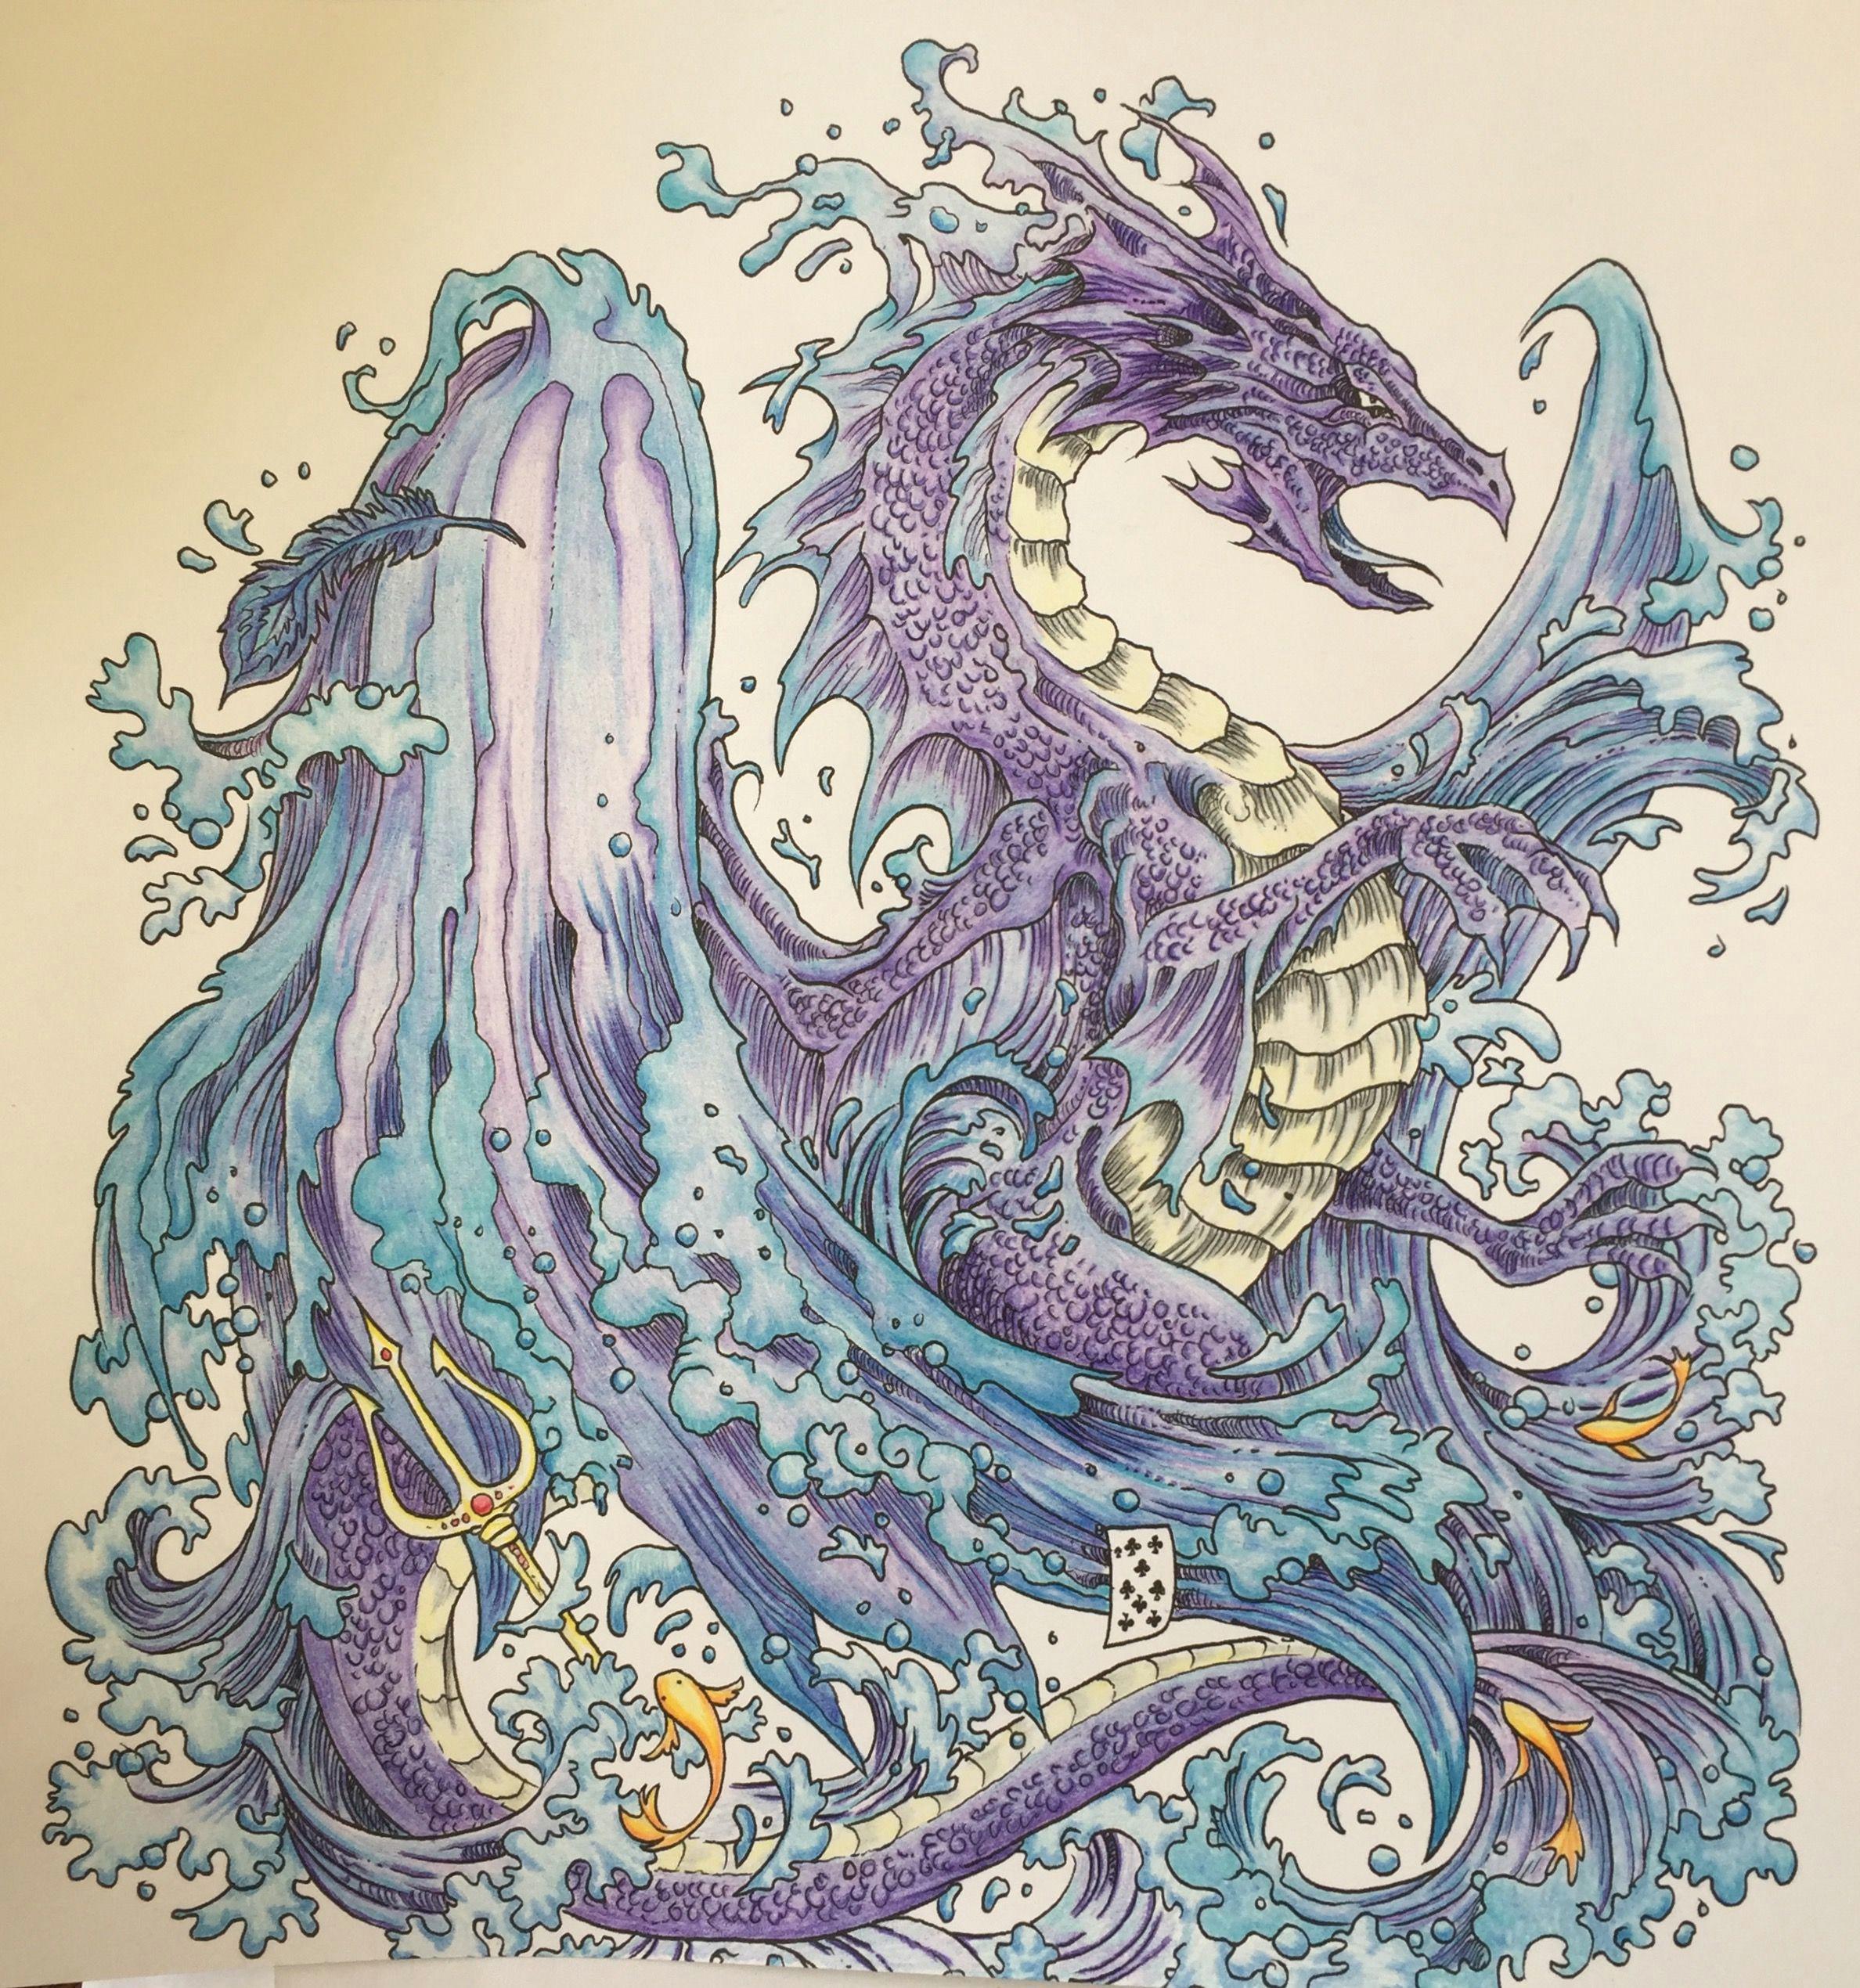 water dragon from mythomorphia by kerbyrosanes